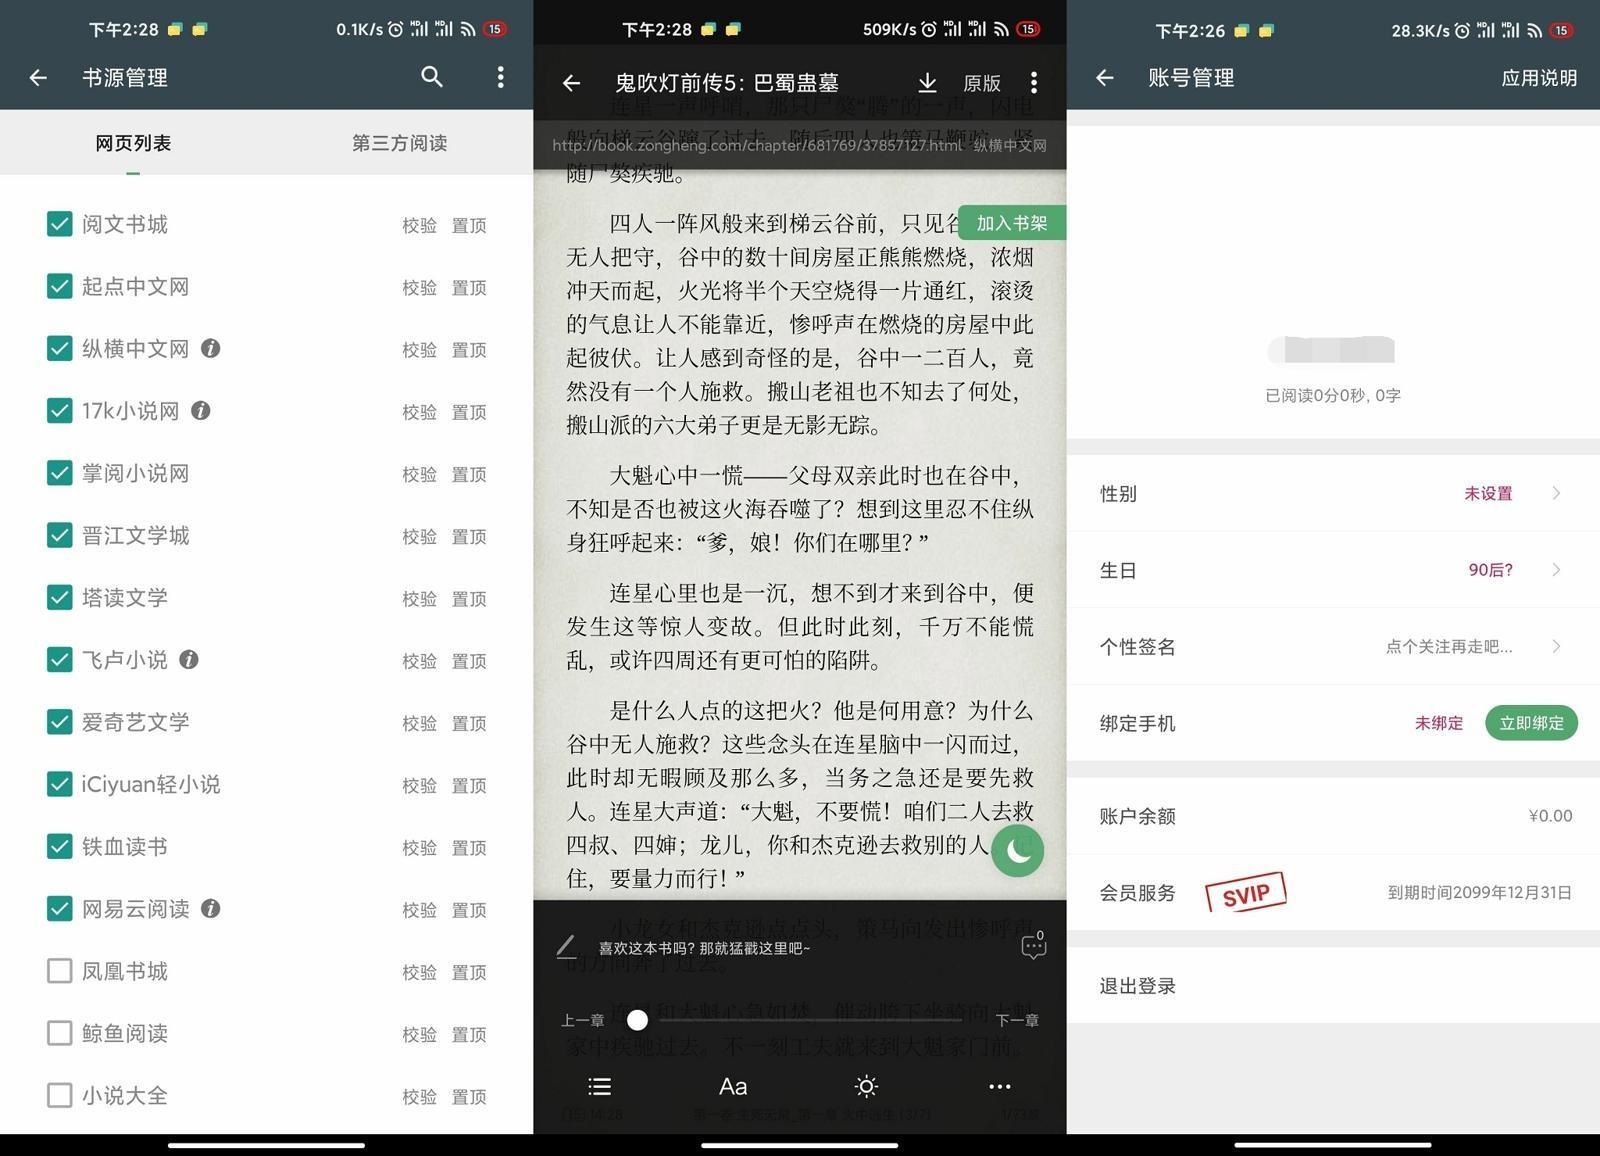 搜书大师app 免费阅读解锁永久会员免广告特权和云端备份(免登陆)